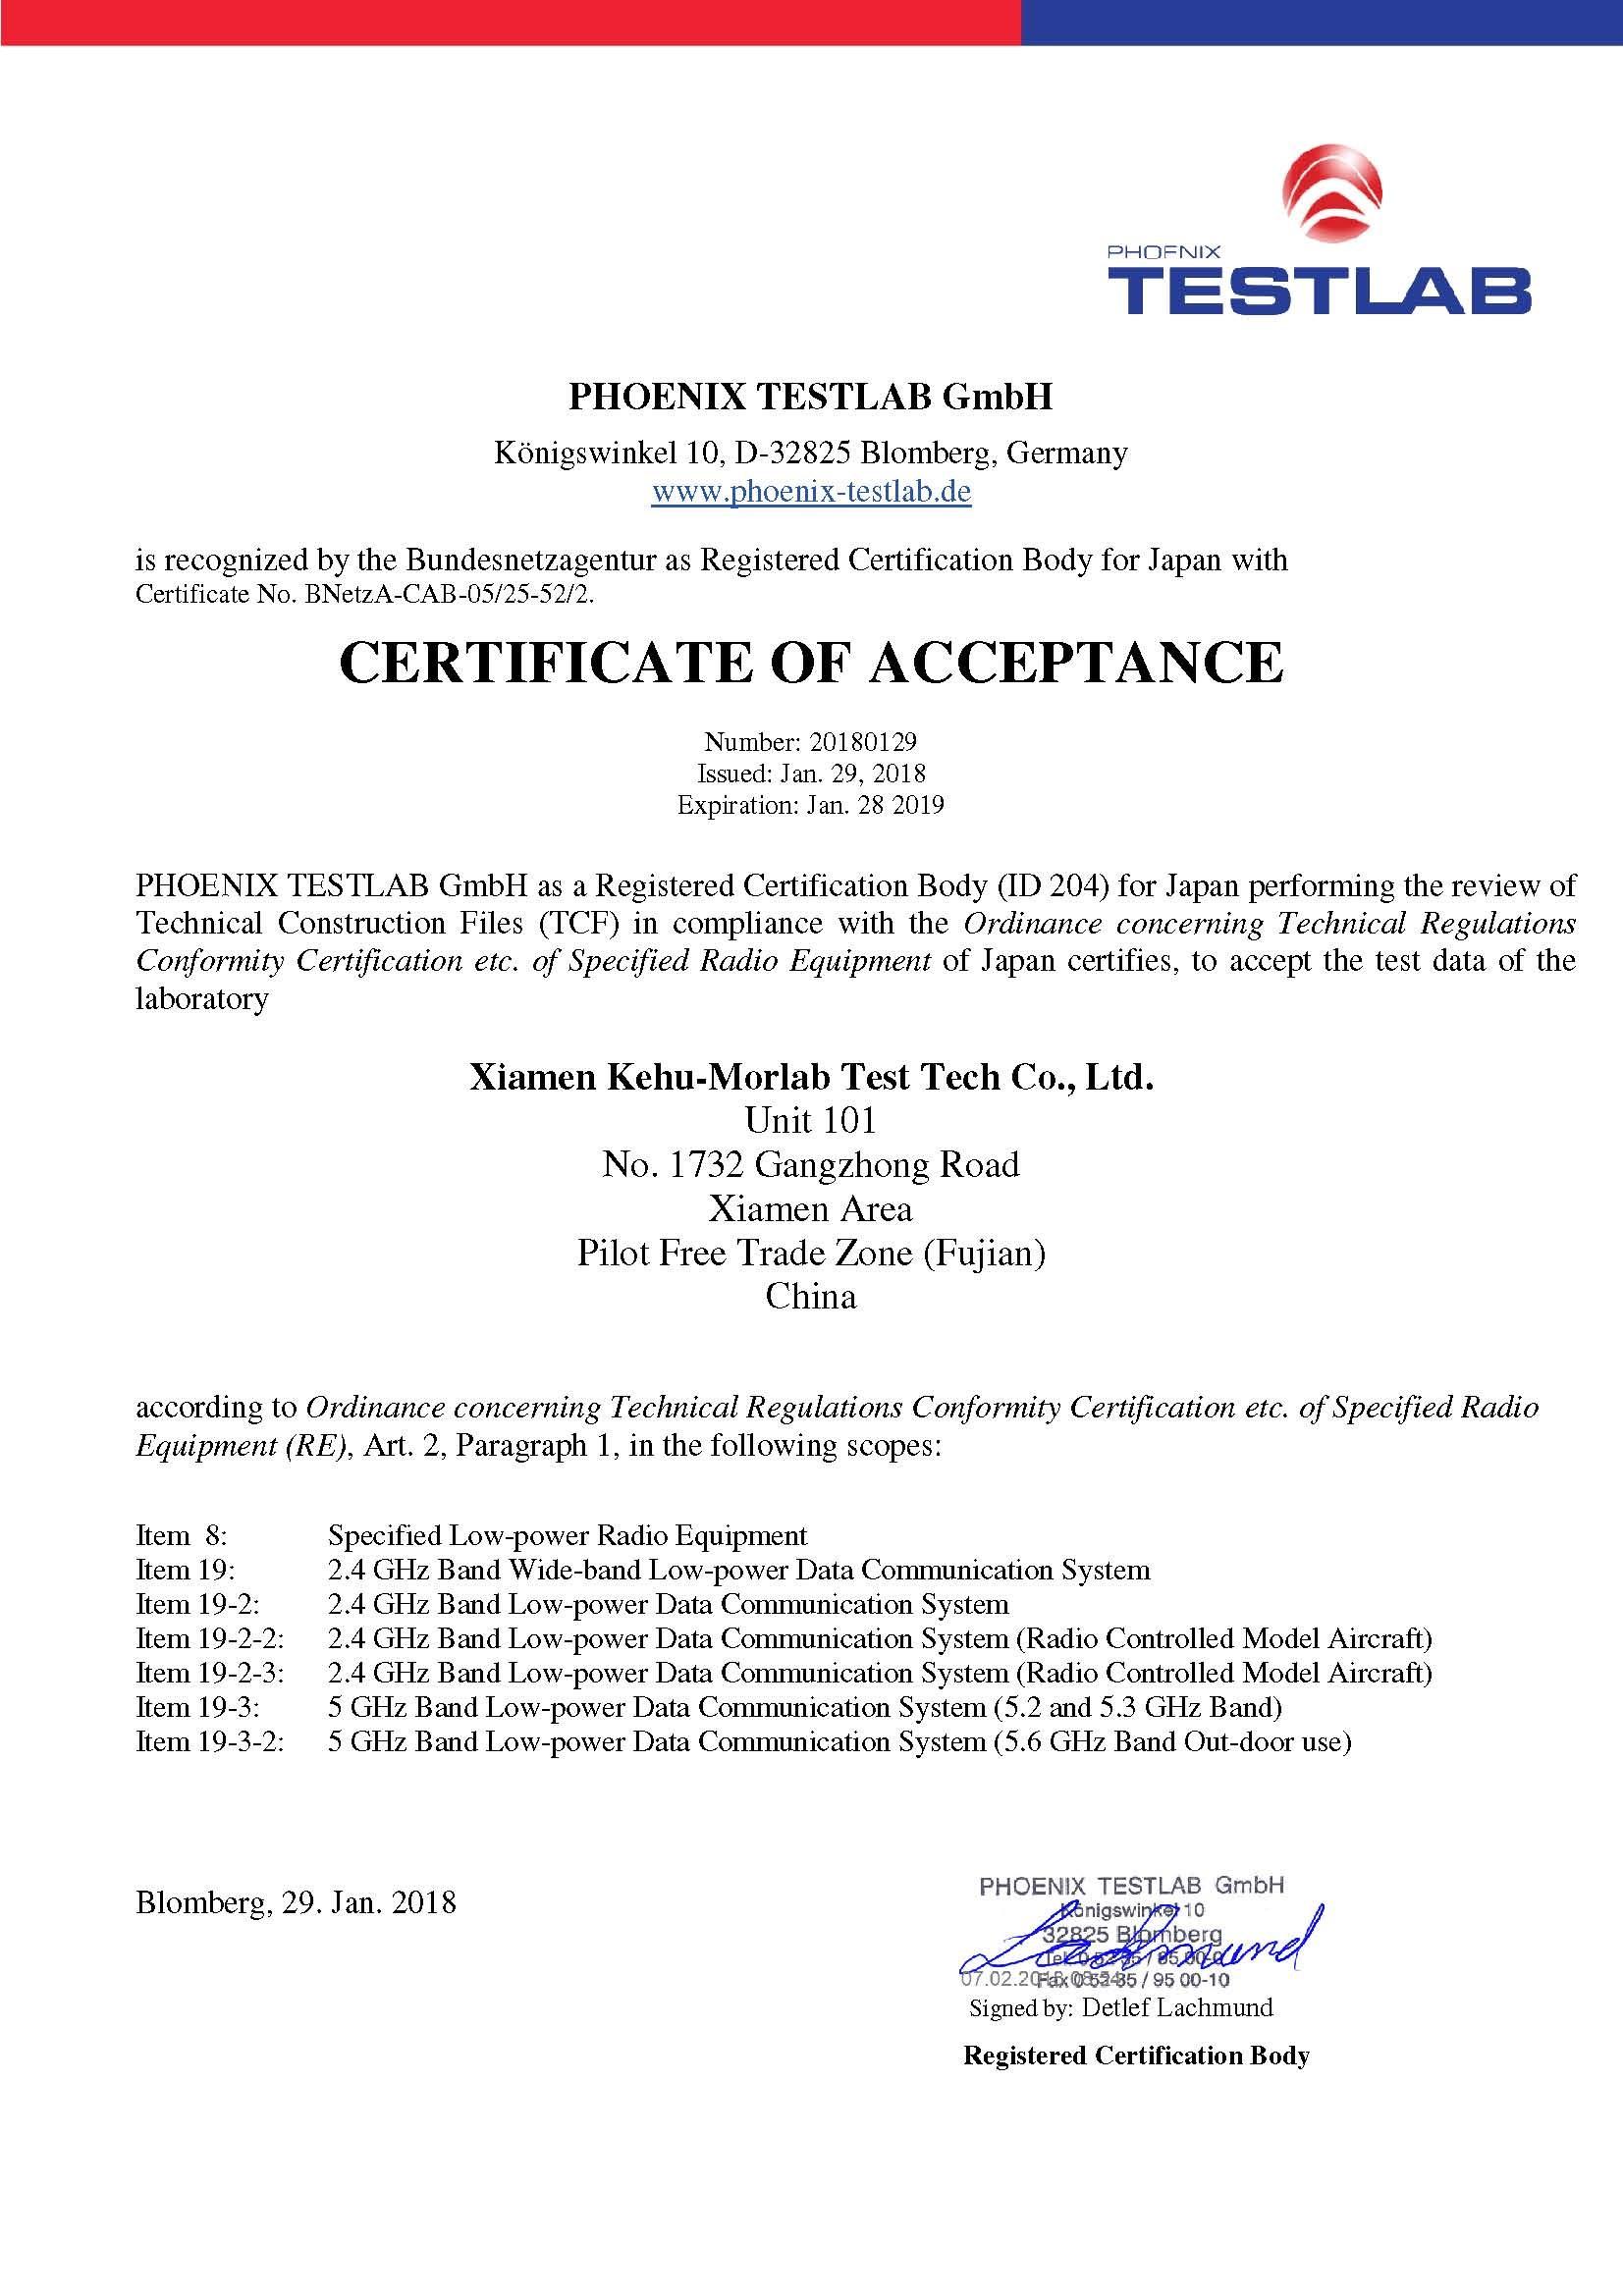 【喜上加喜】厦门科湖·摩尔实验室获德国PHOENIX正式授权